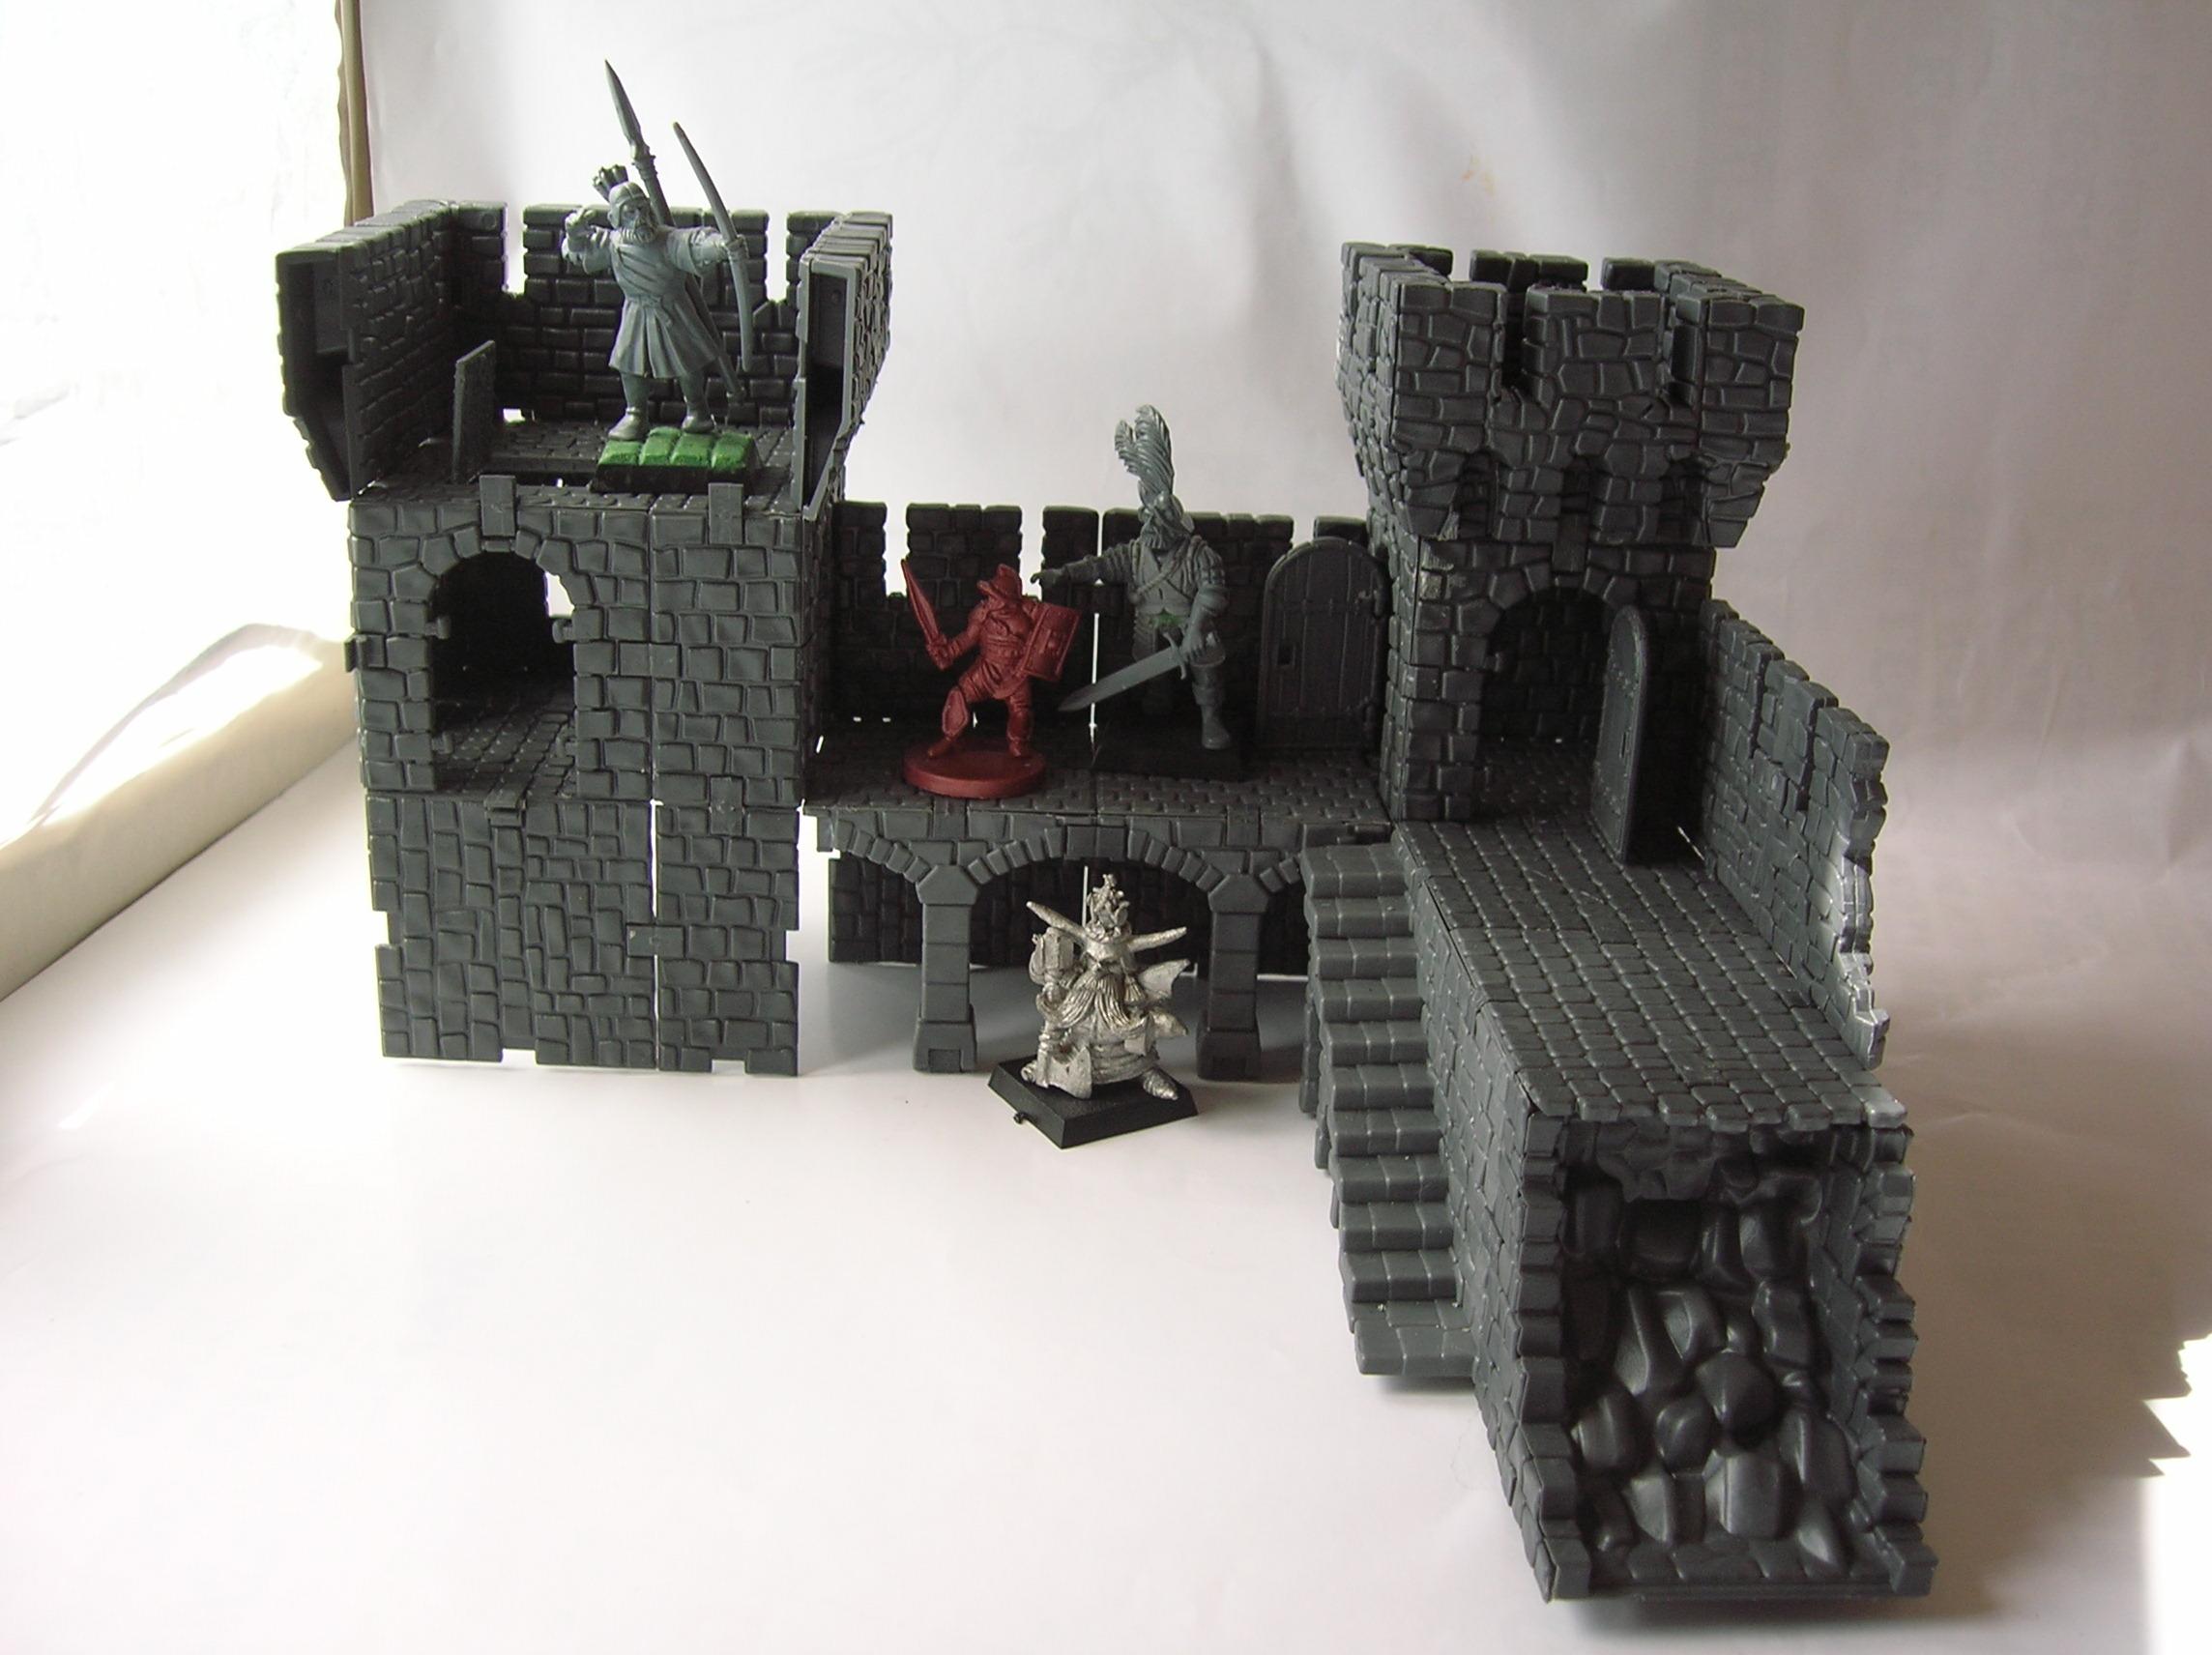 castlecraft from russia Dscn5418